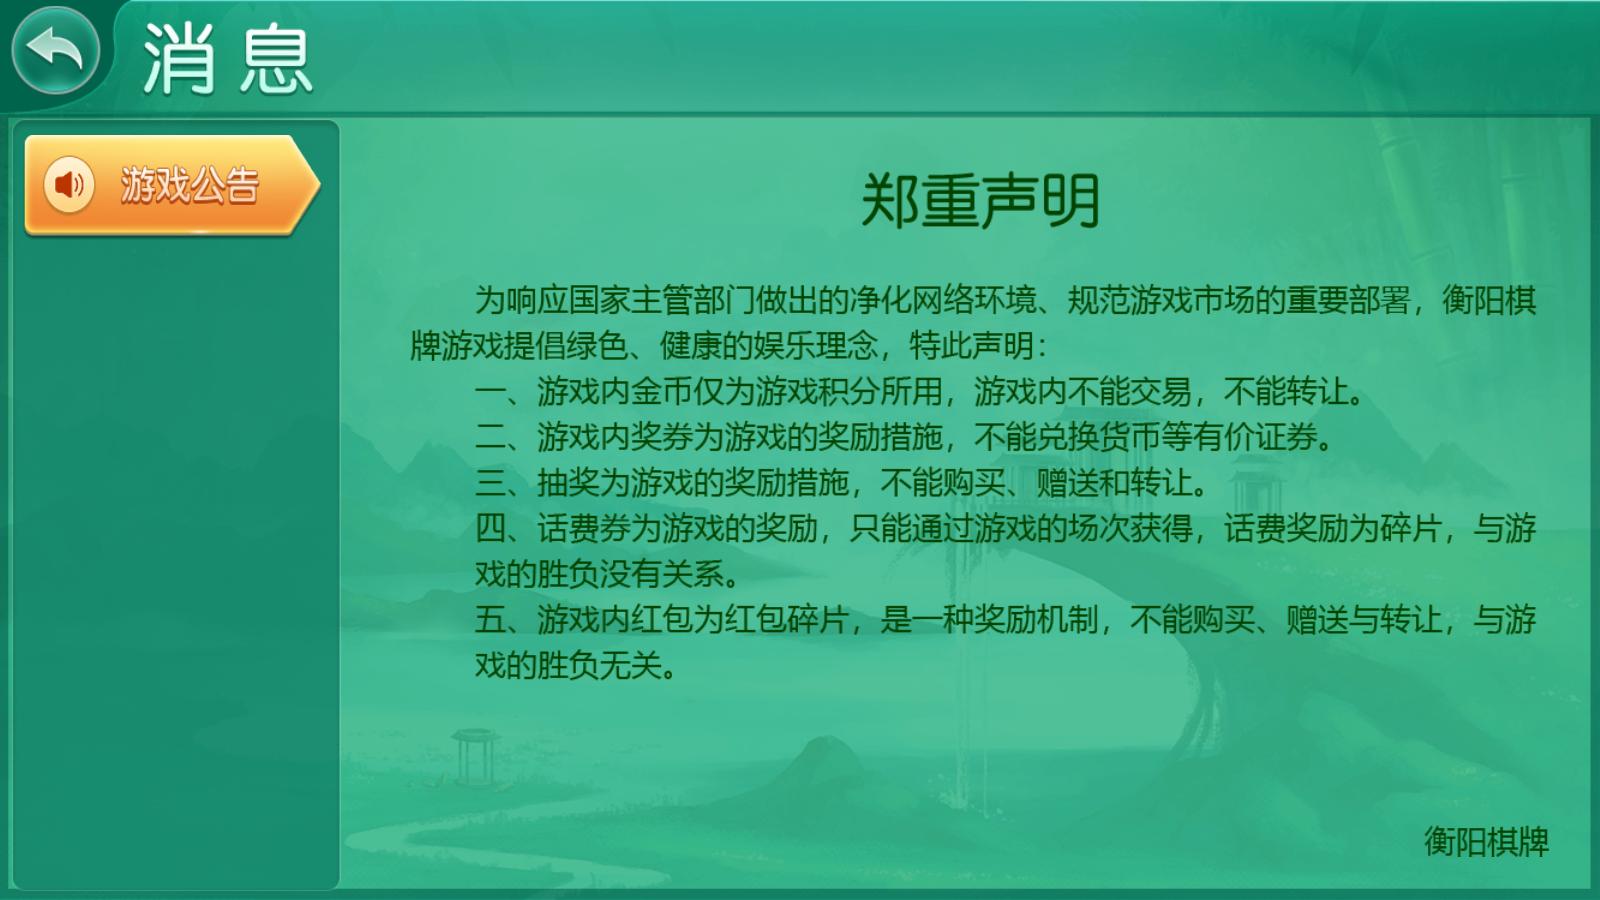 网狐二开跑胡子合集 麻将游戏 字牌游戏 扑克游戏 完整整理-第7张